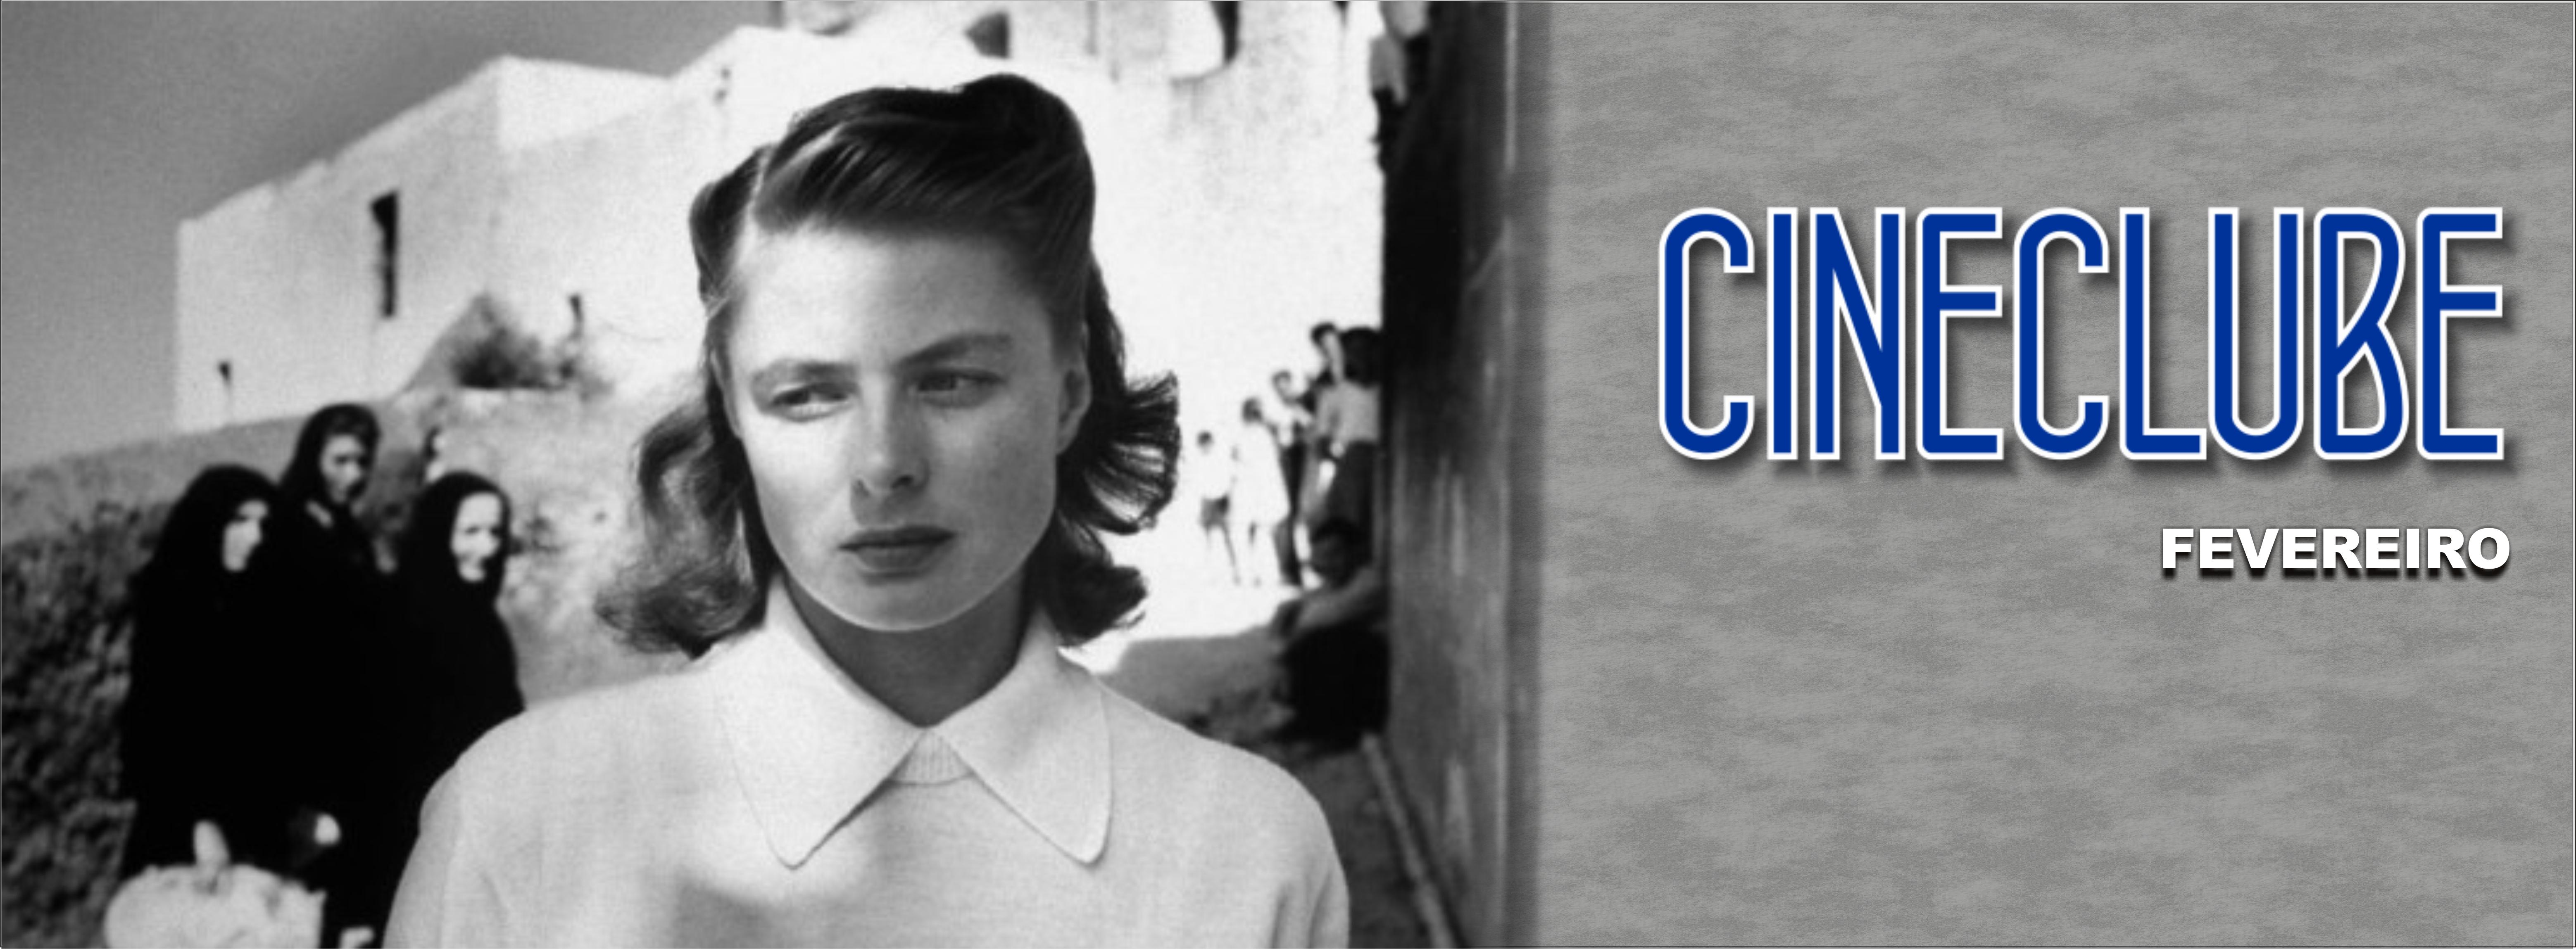 Cineclube CDCC – Programação de Fevereiro